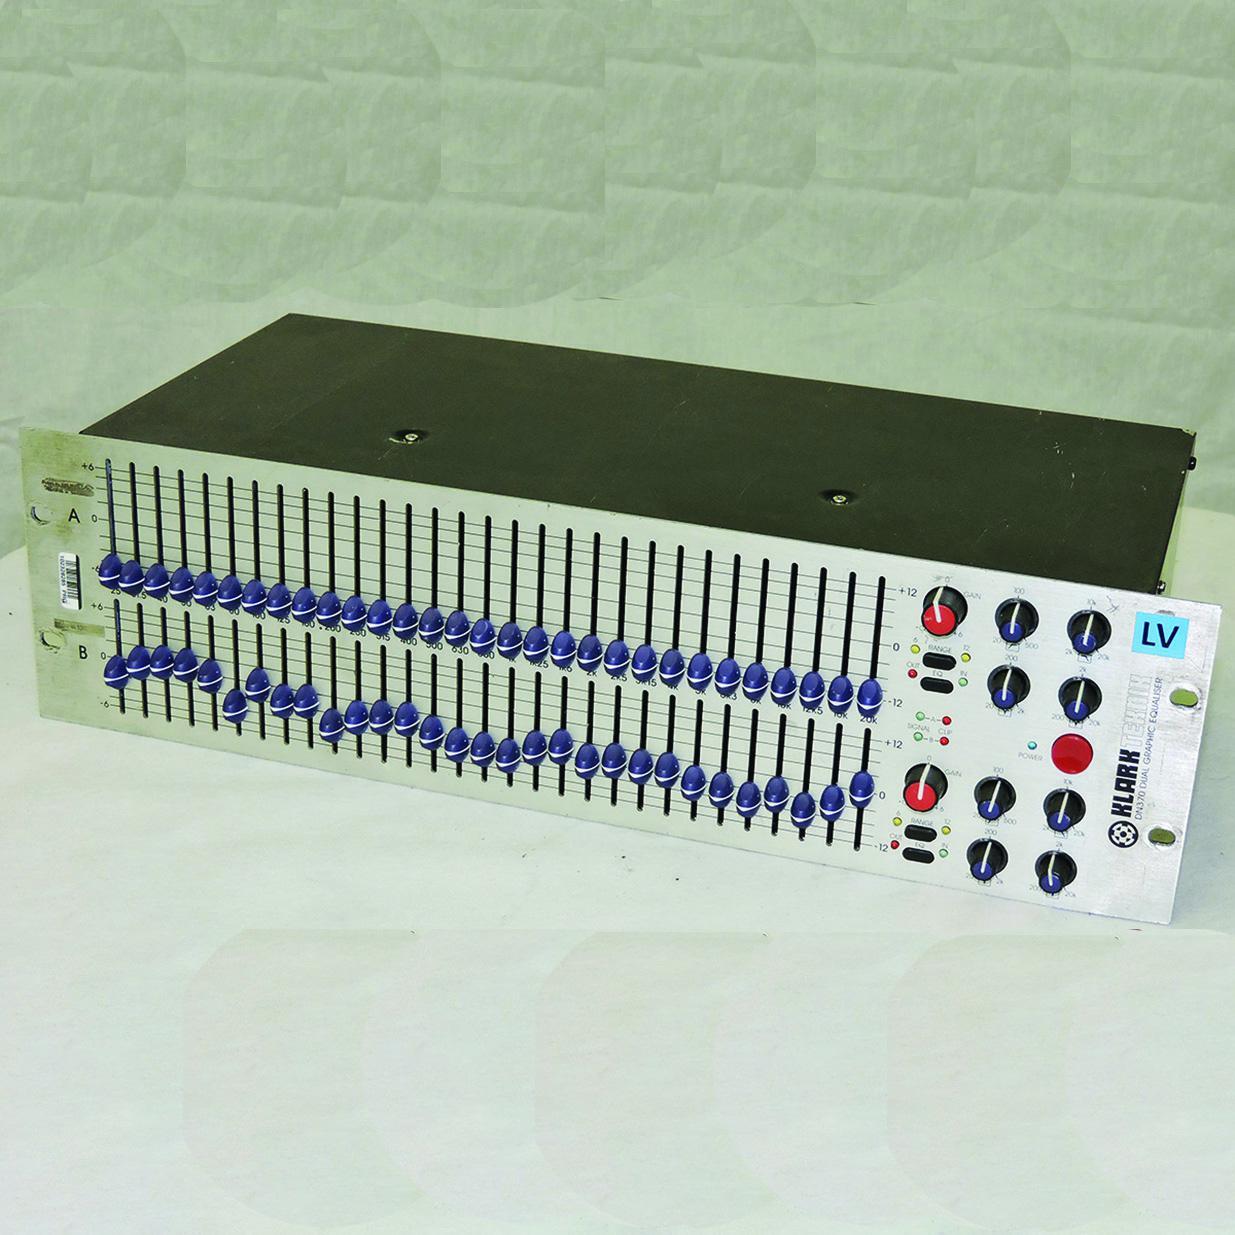 PRG Proshop - Klark Teknik DN370B Dual Channel Graphic Equalizer